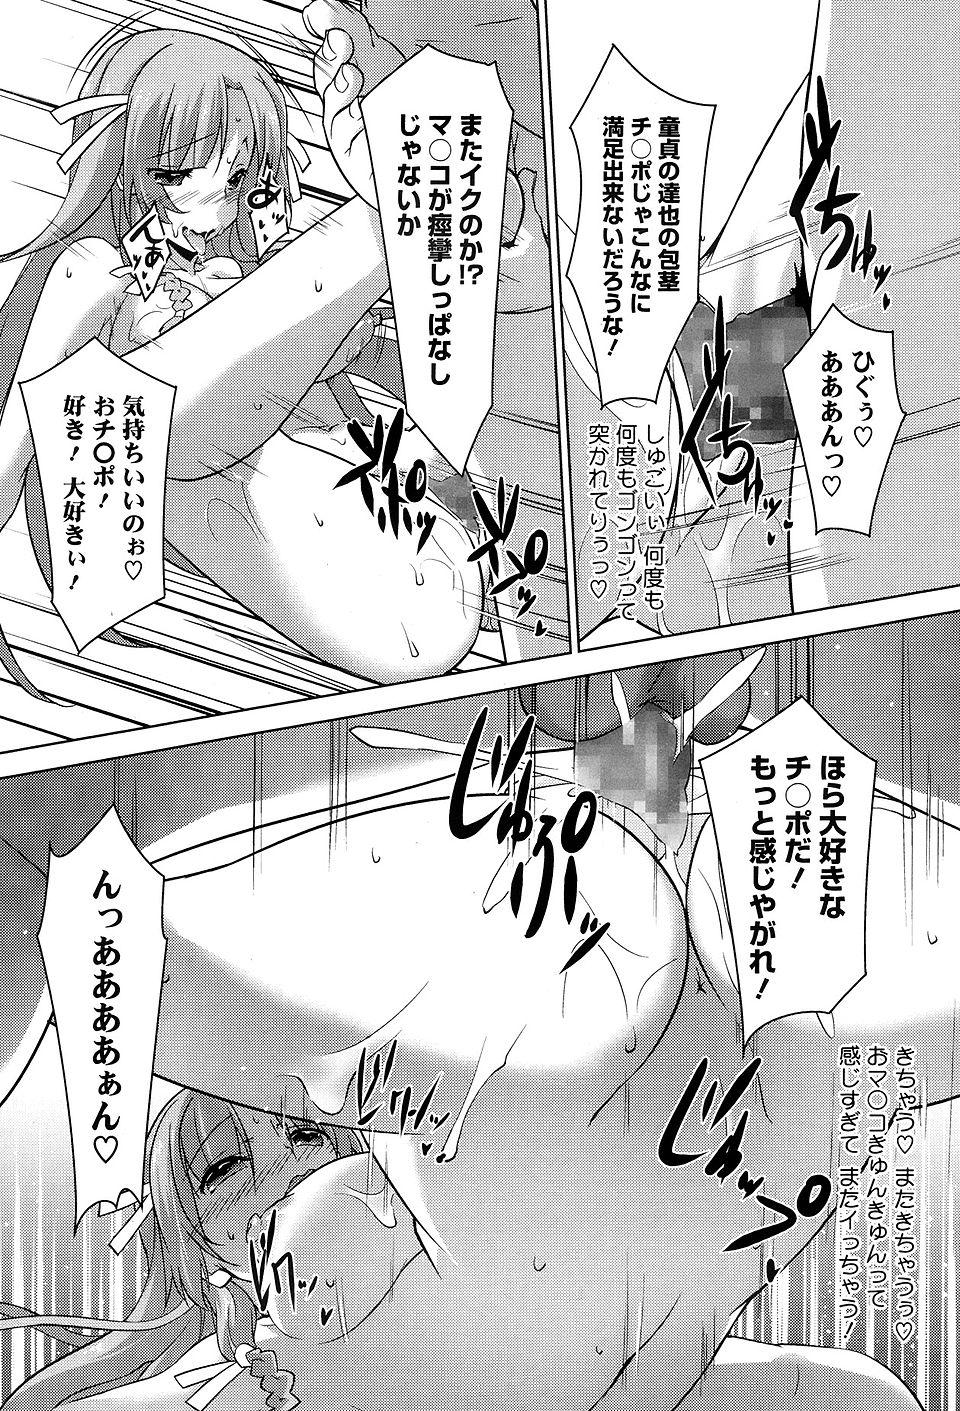 【エロ漫画・エロ同人】兄が弟の好きな巨乳娘をを性奴隷にしてるwww (21)